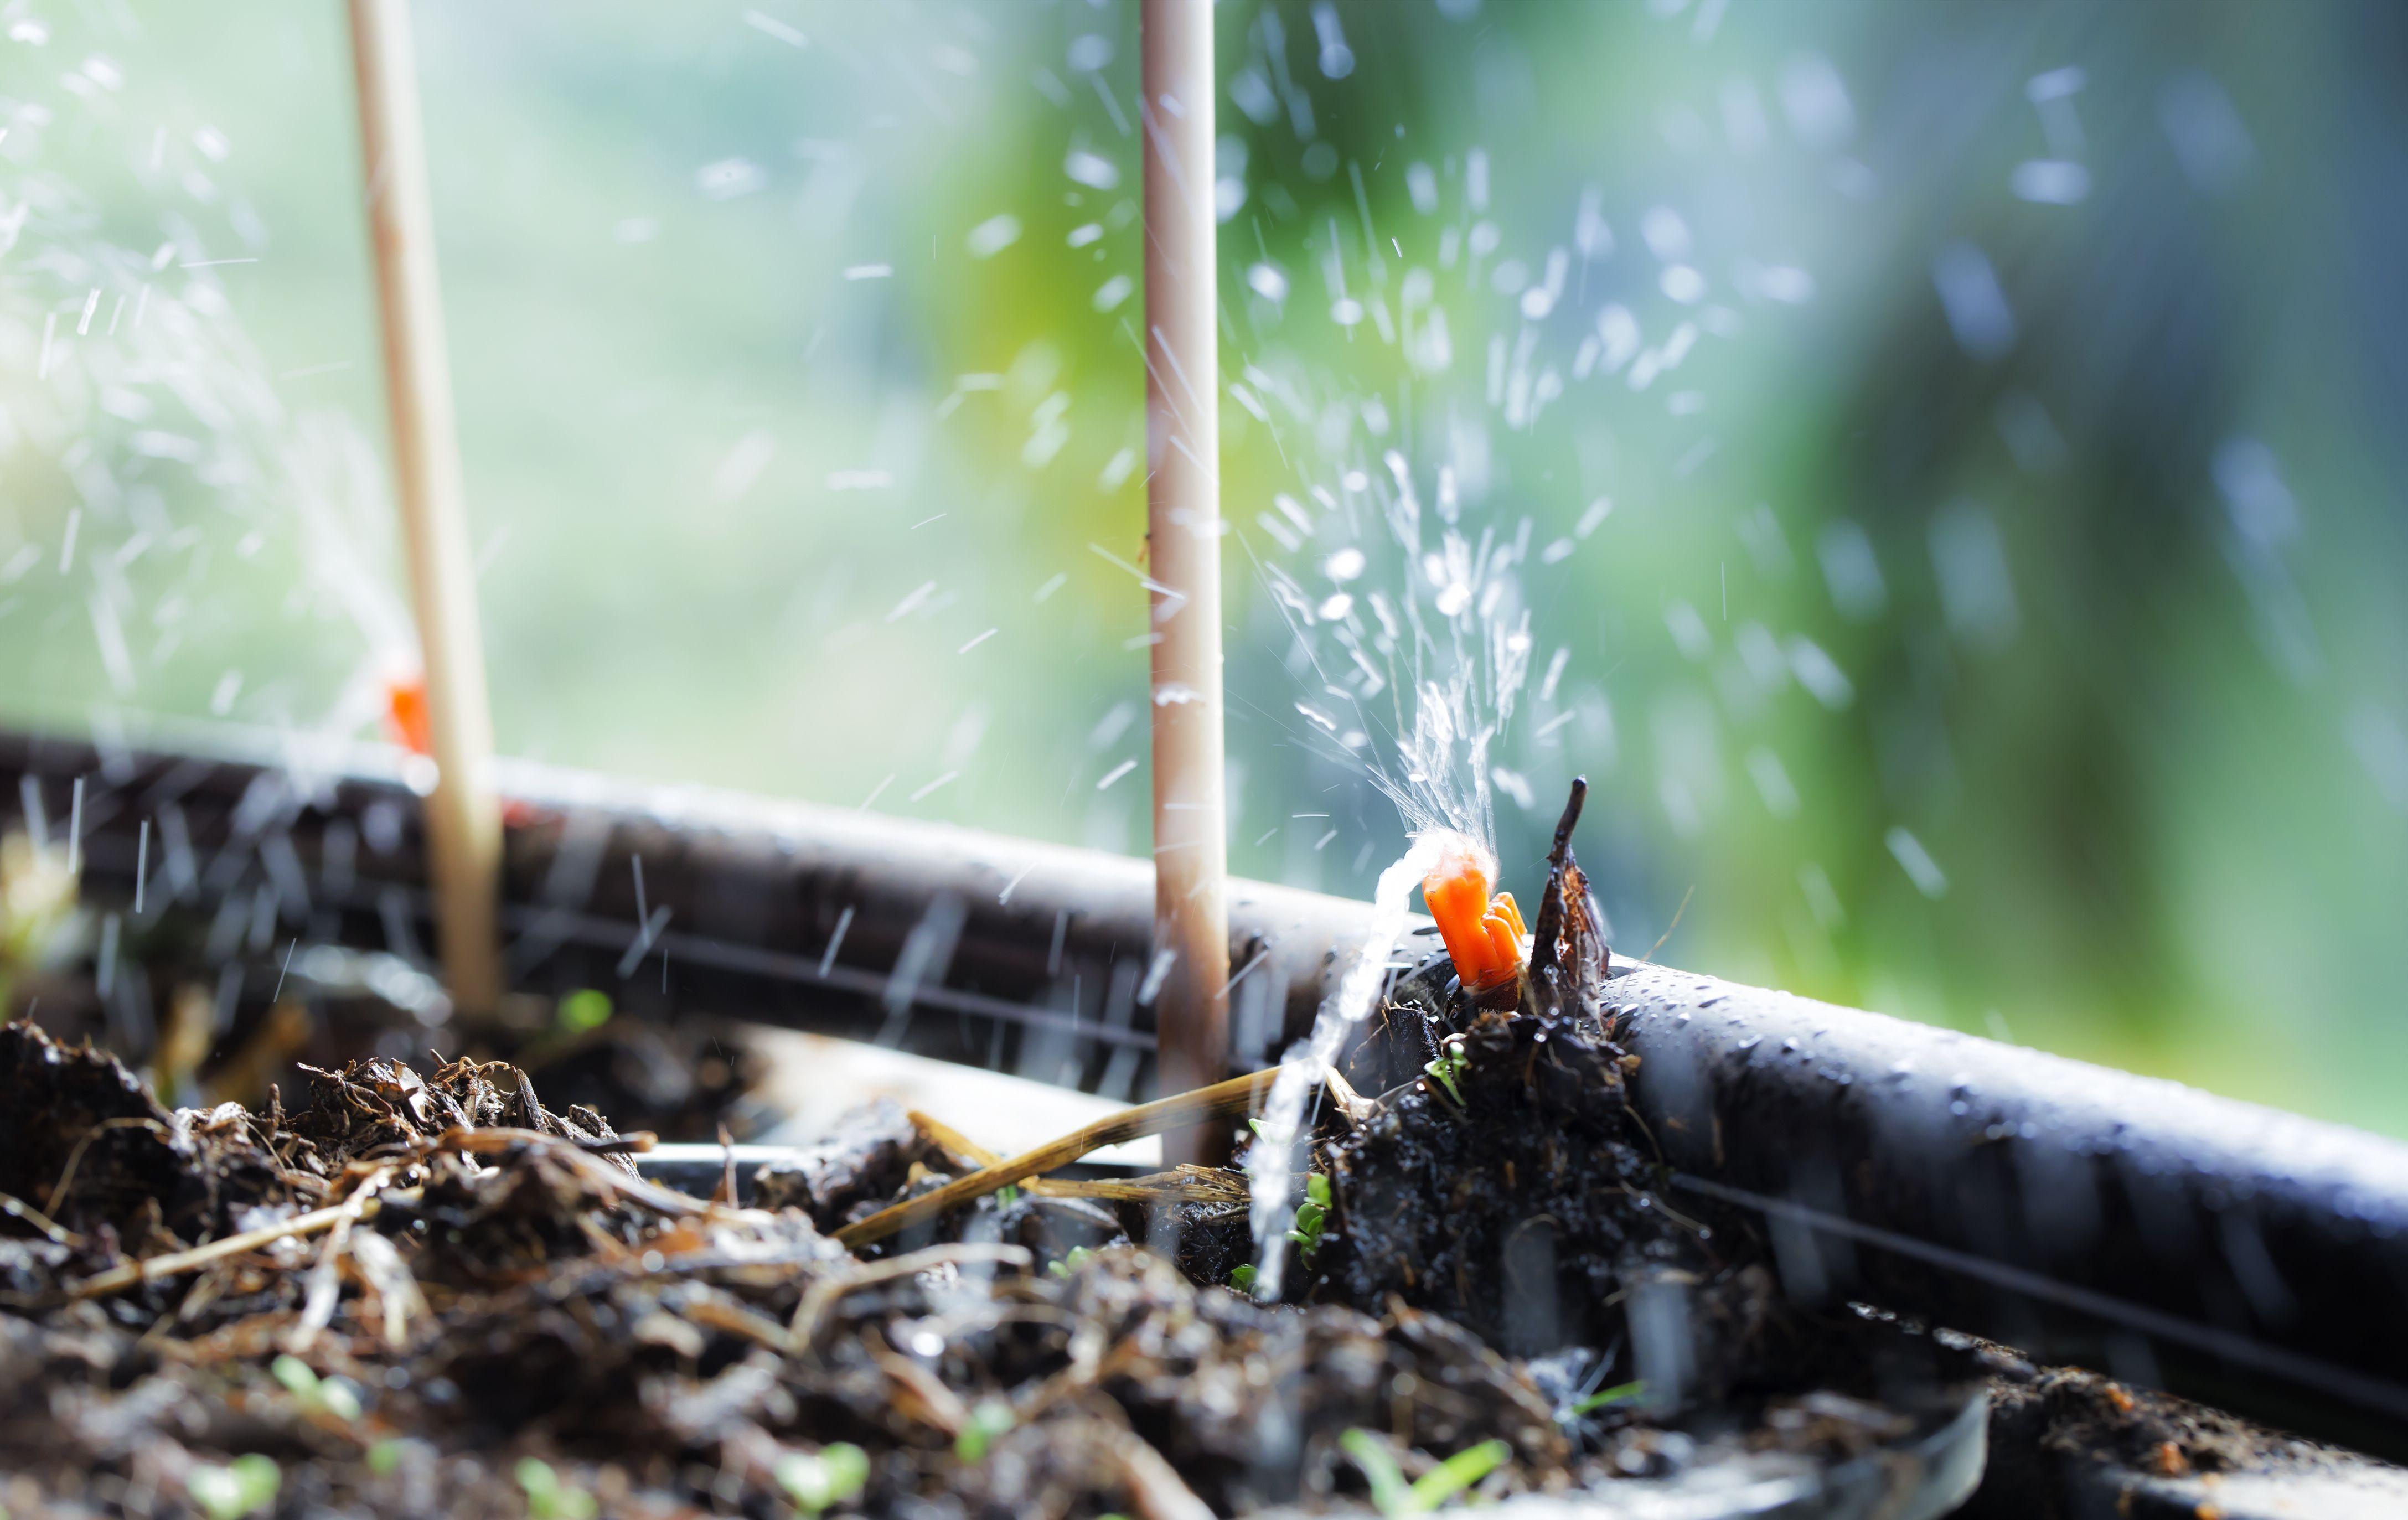 Come scegliere un sistema di irrigazione a goccia